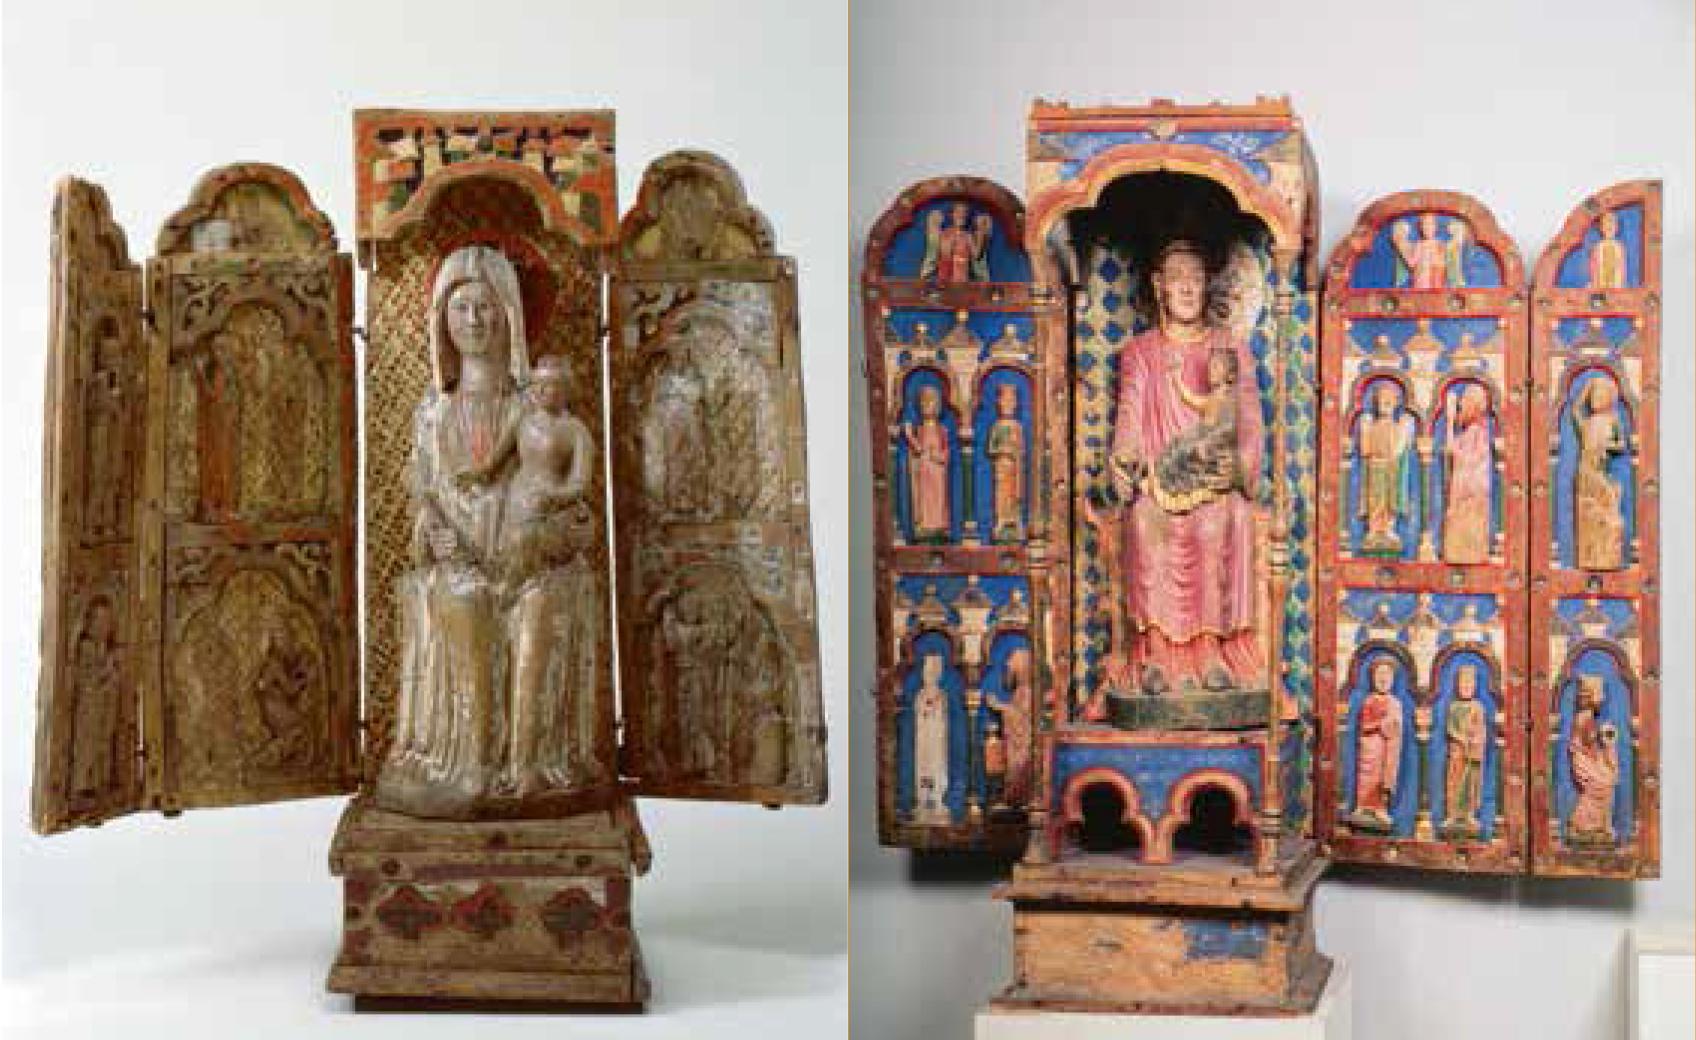 Els retaules-tabernacle de Fröskog (Suècia, avui a Estocolm, Statens Historiska Museet) i Urjala (Finlàndia, avui a Helsinki, Museu Nacional), de la segona meitat del segle XIII.